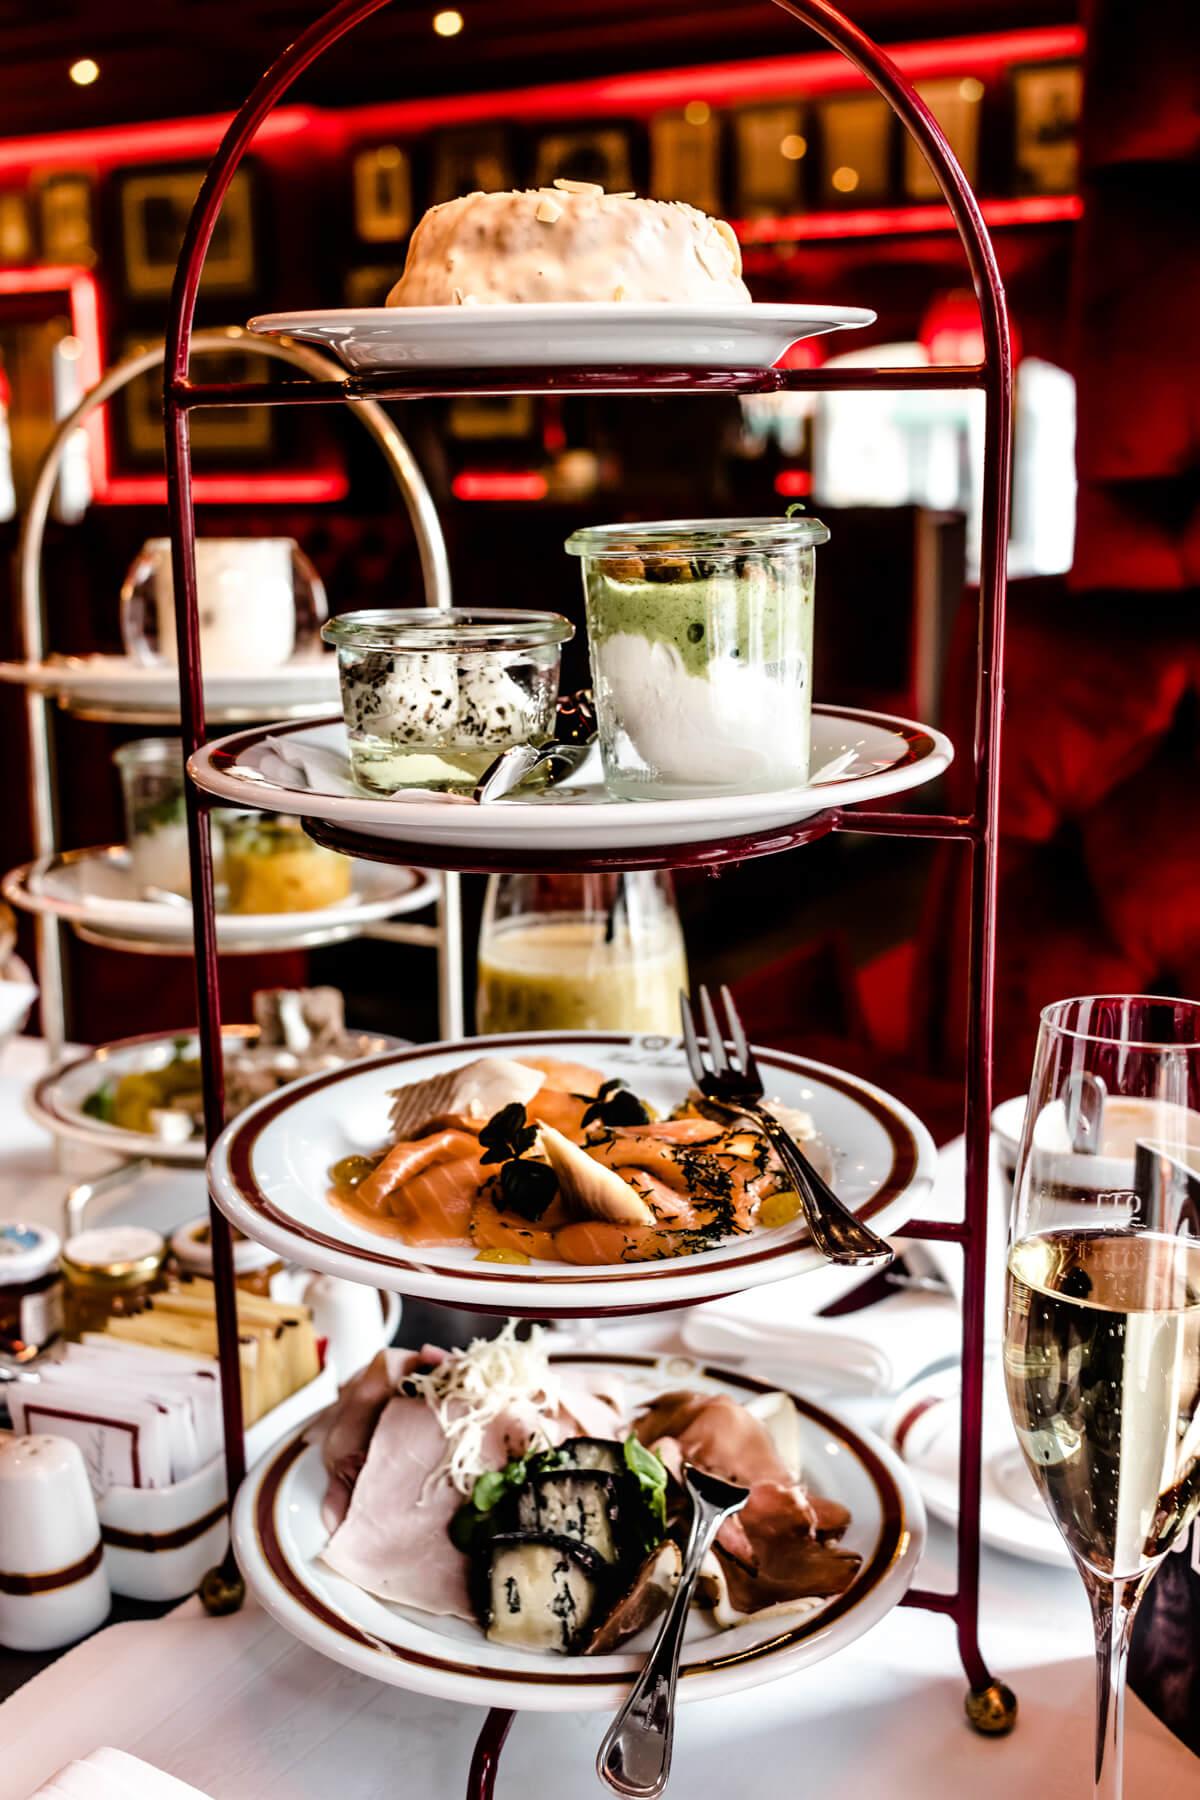 Fürhstücken in Wien - die besten Lokale - das Sacher Eck